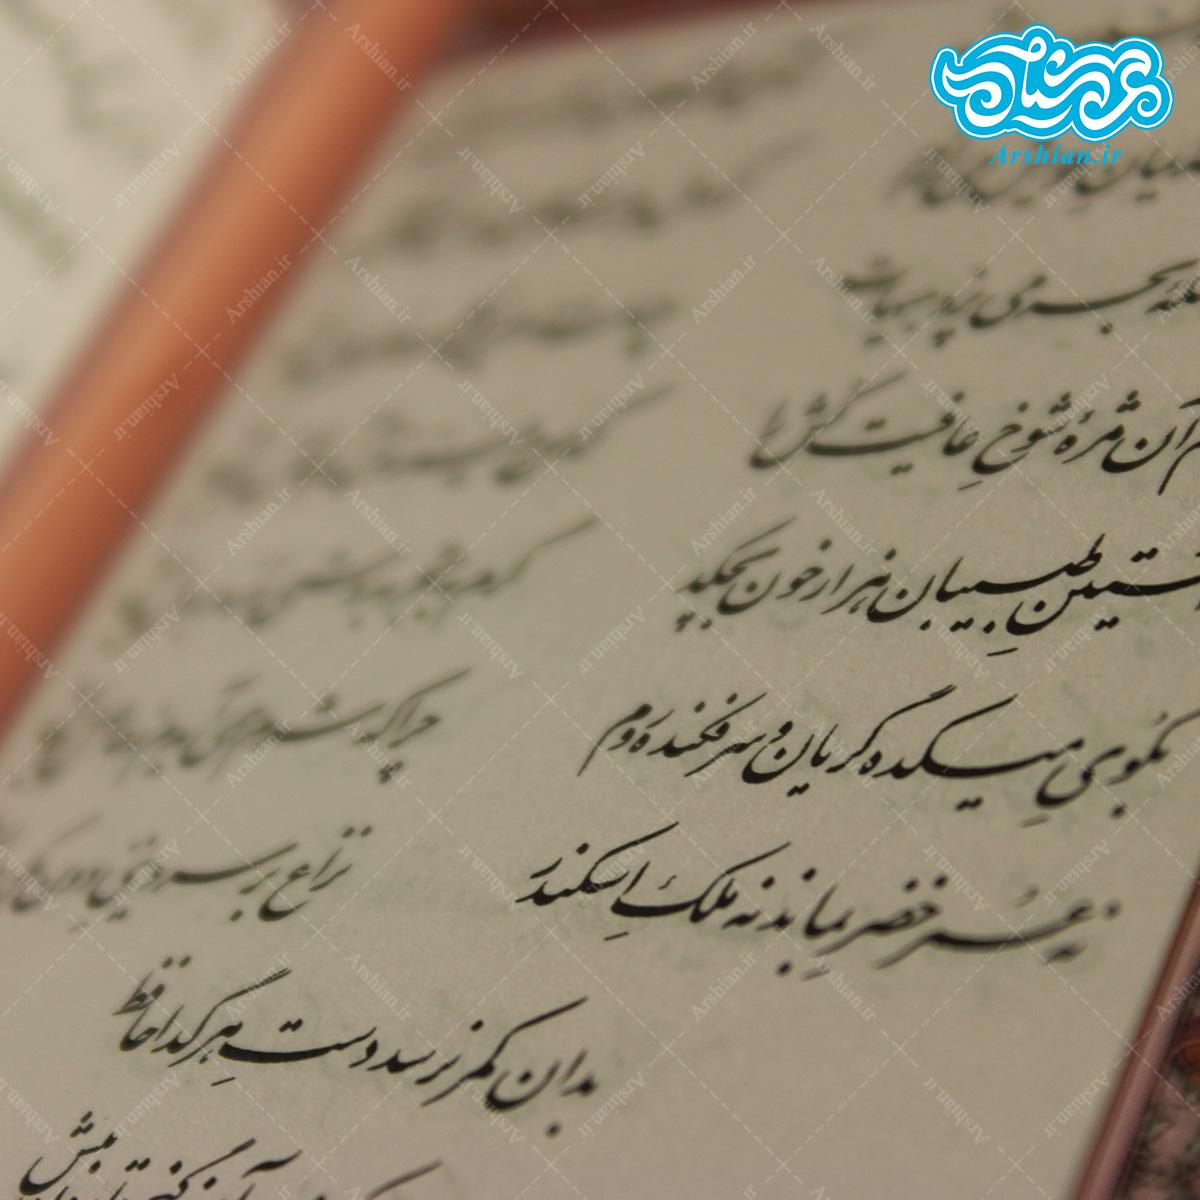 فالنامه حافظ شیرازی پالتویی